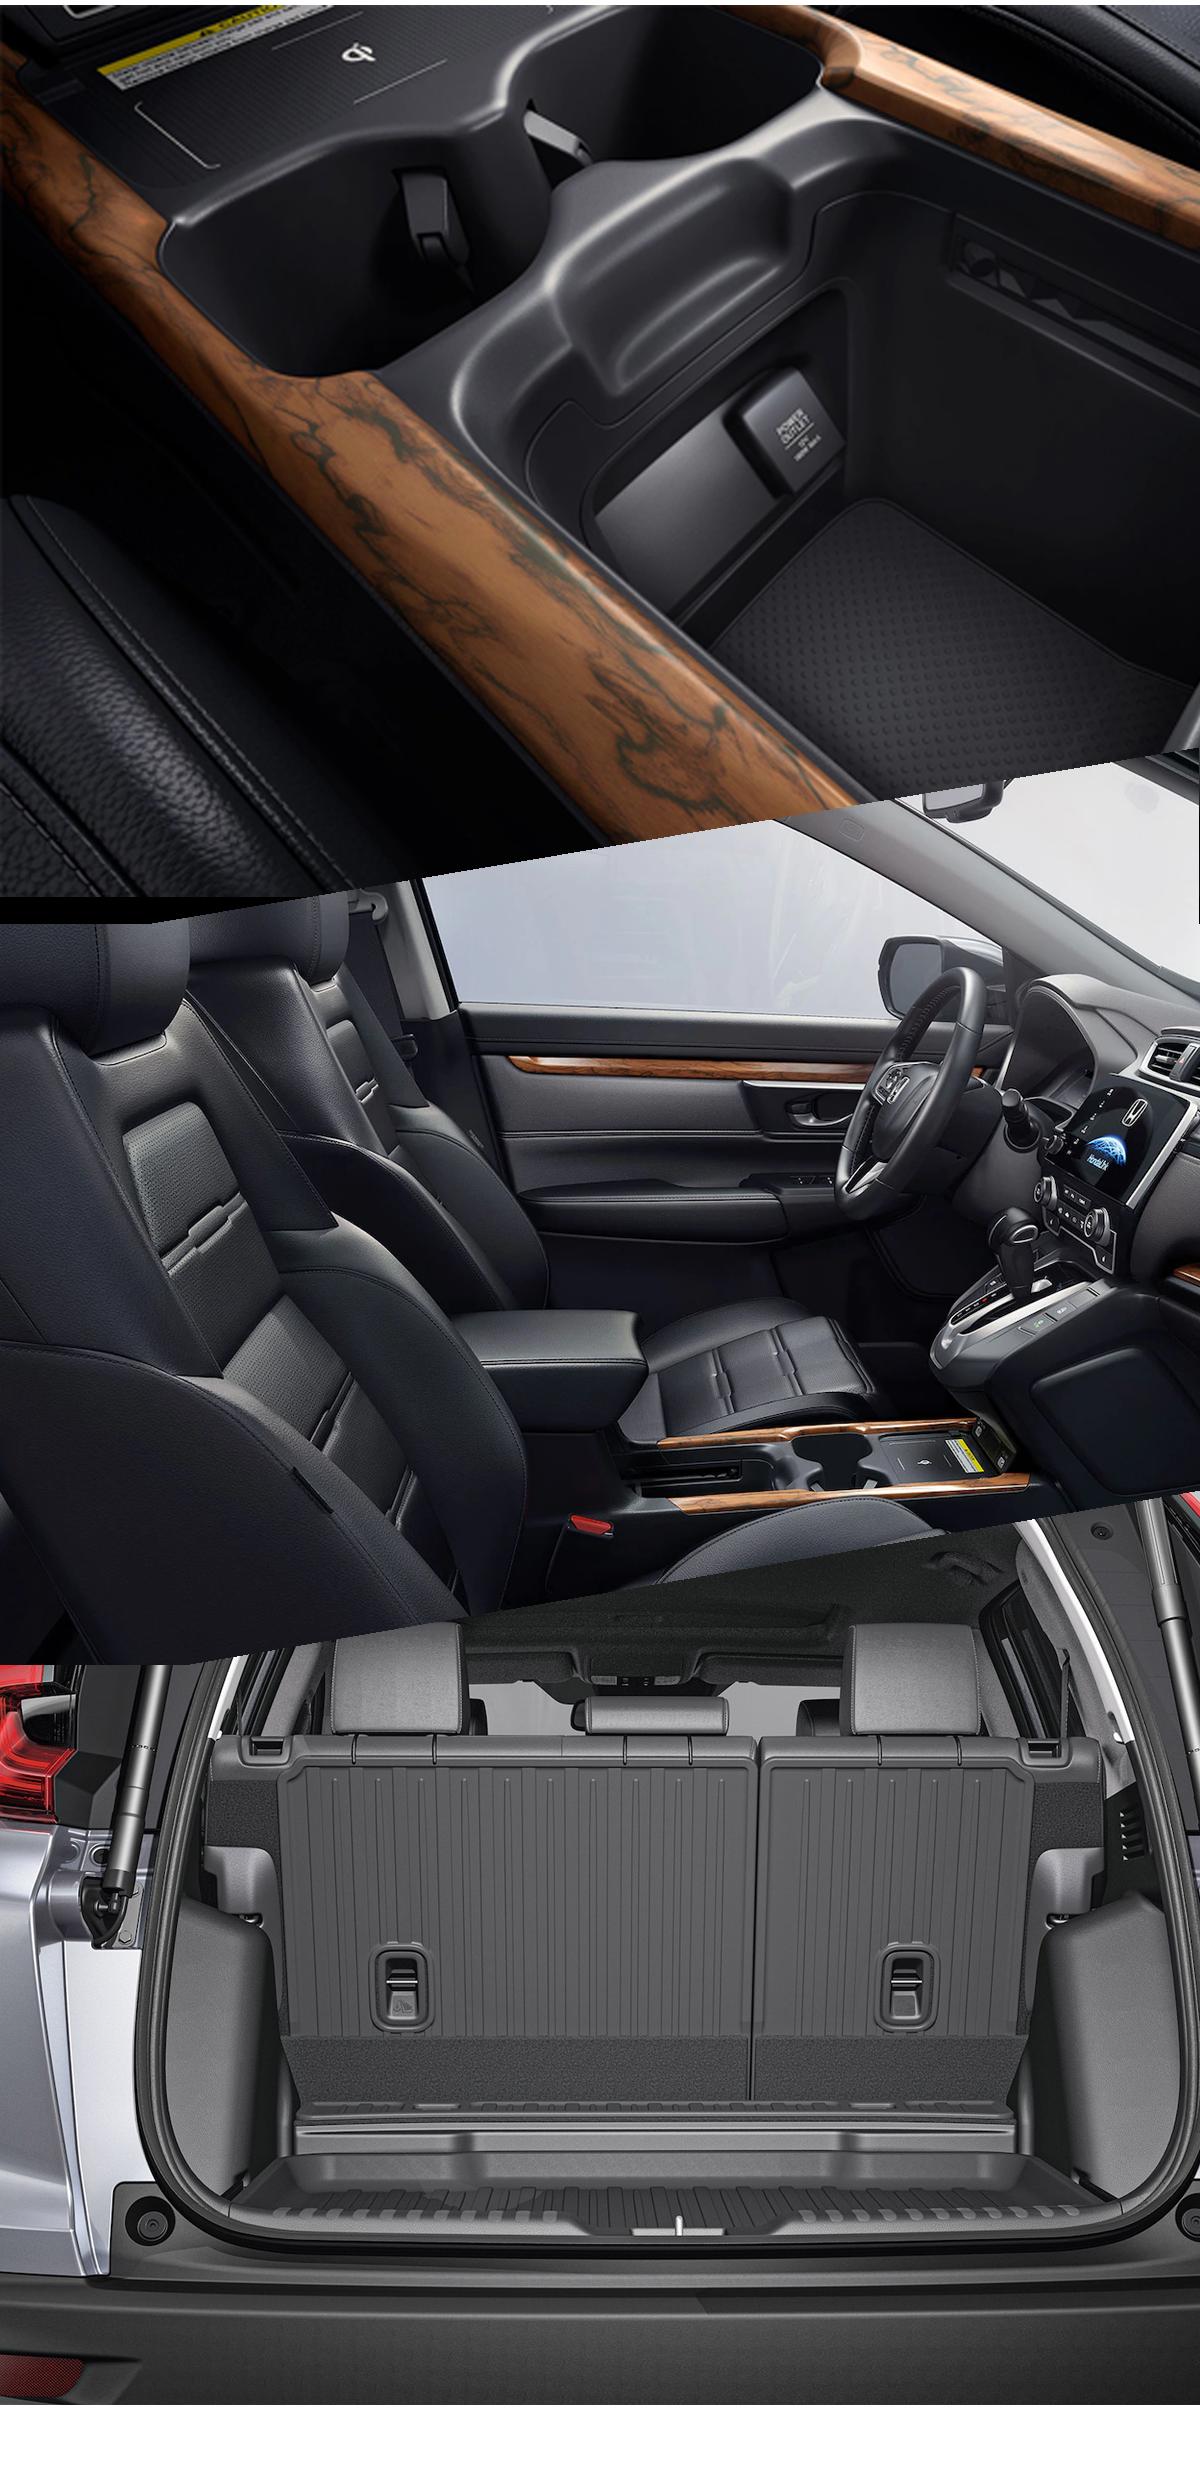 Honda CR-V Interior Sycamore, IL